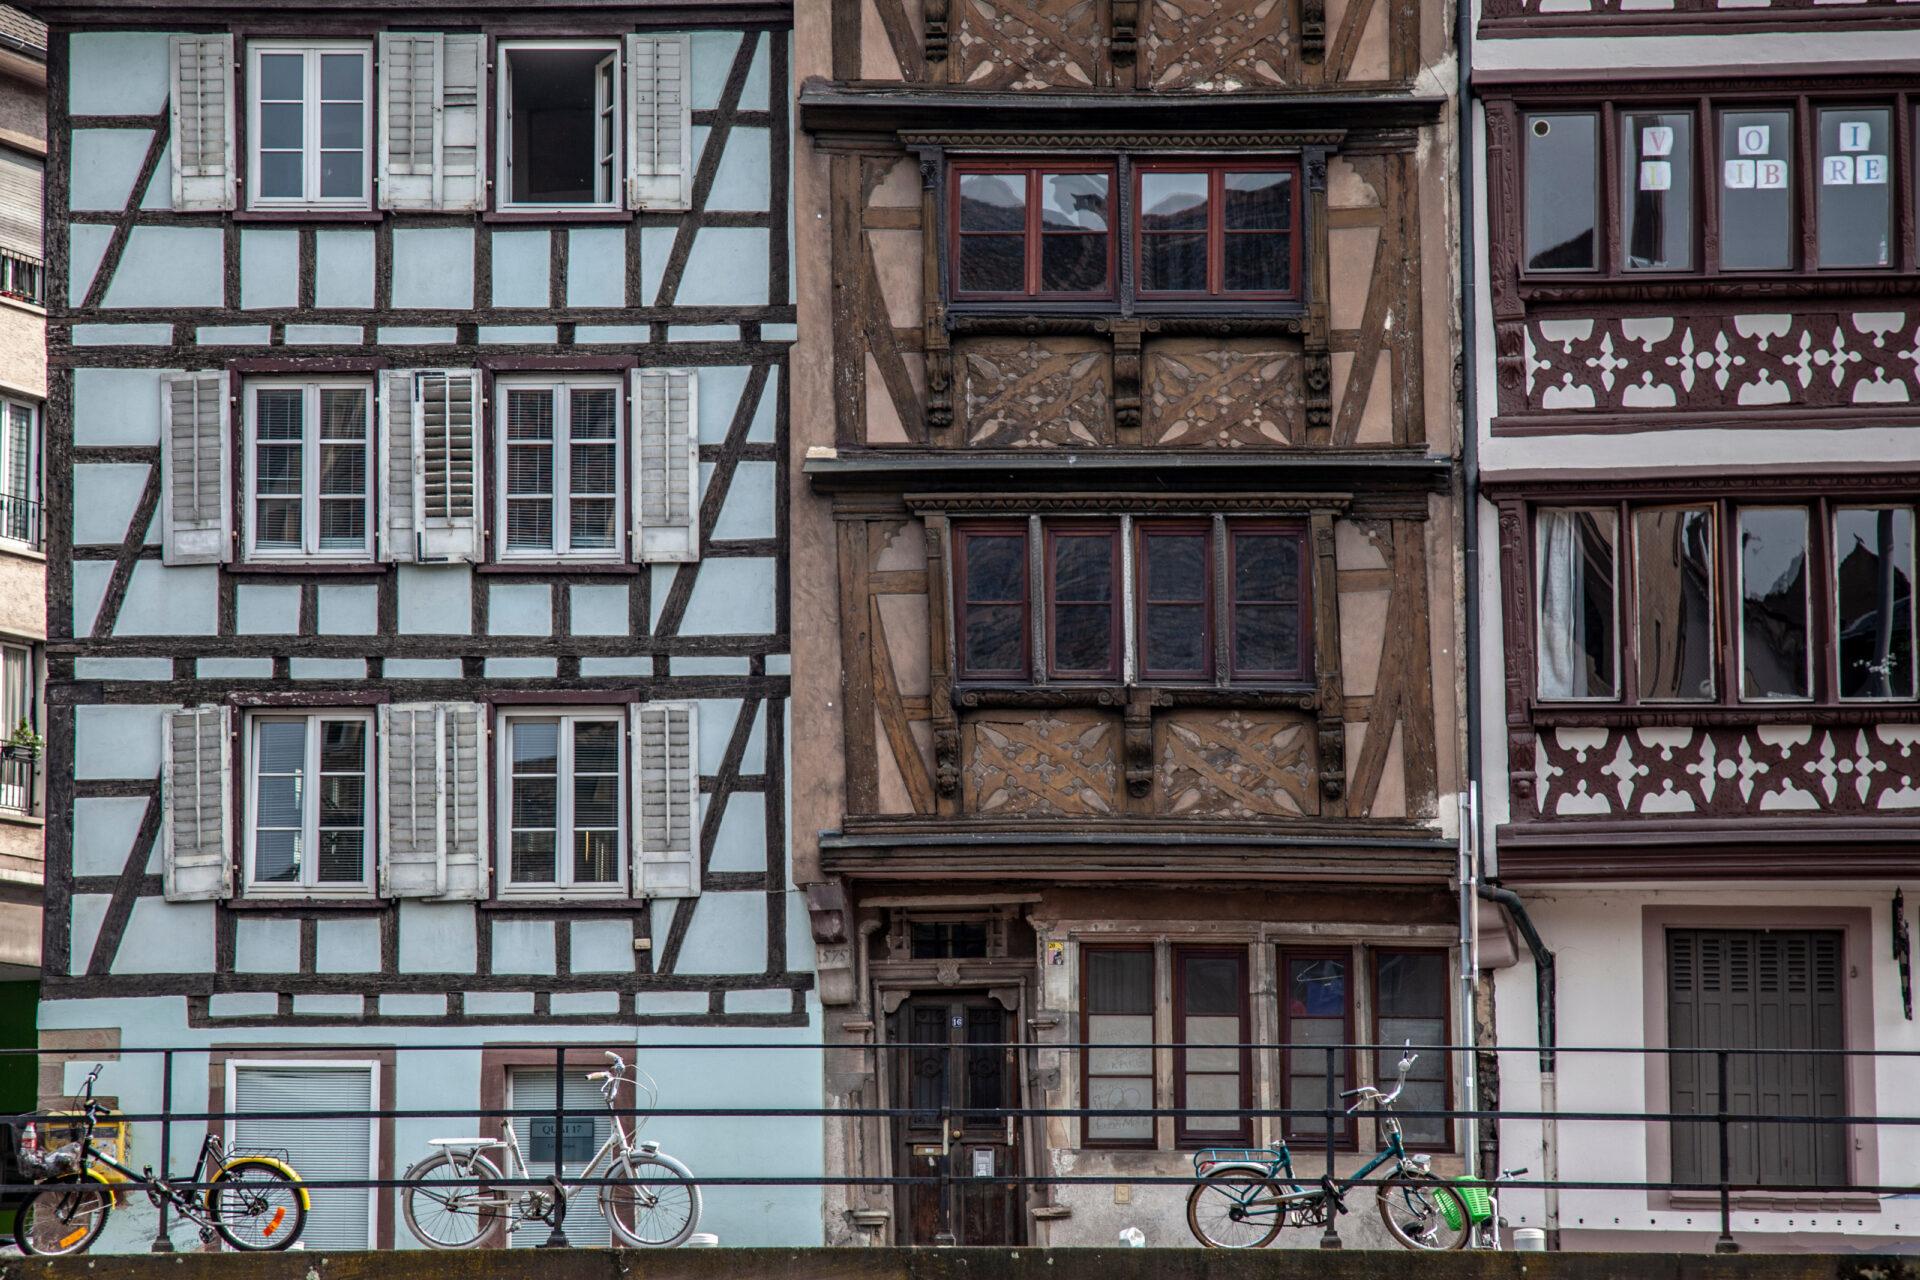 ВНовый Год поСтрасбургу.